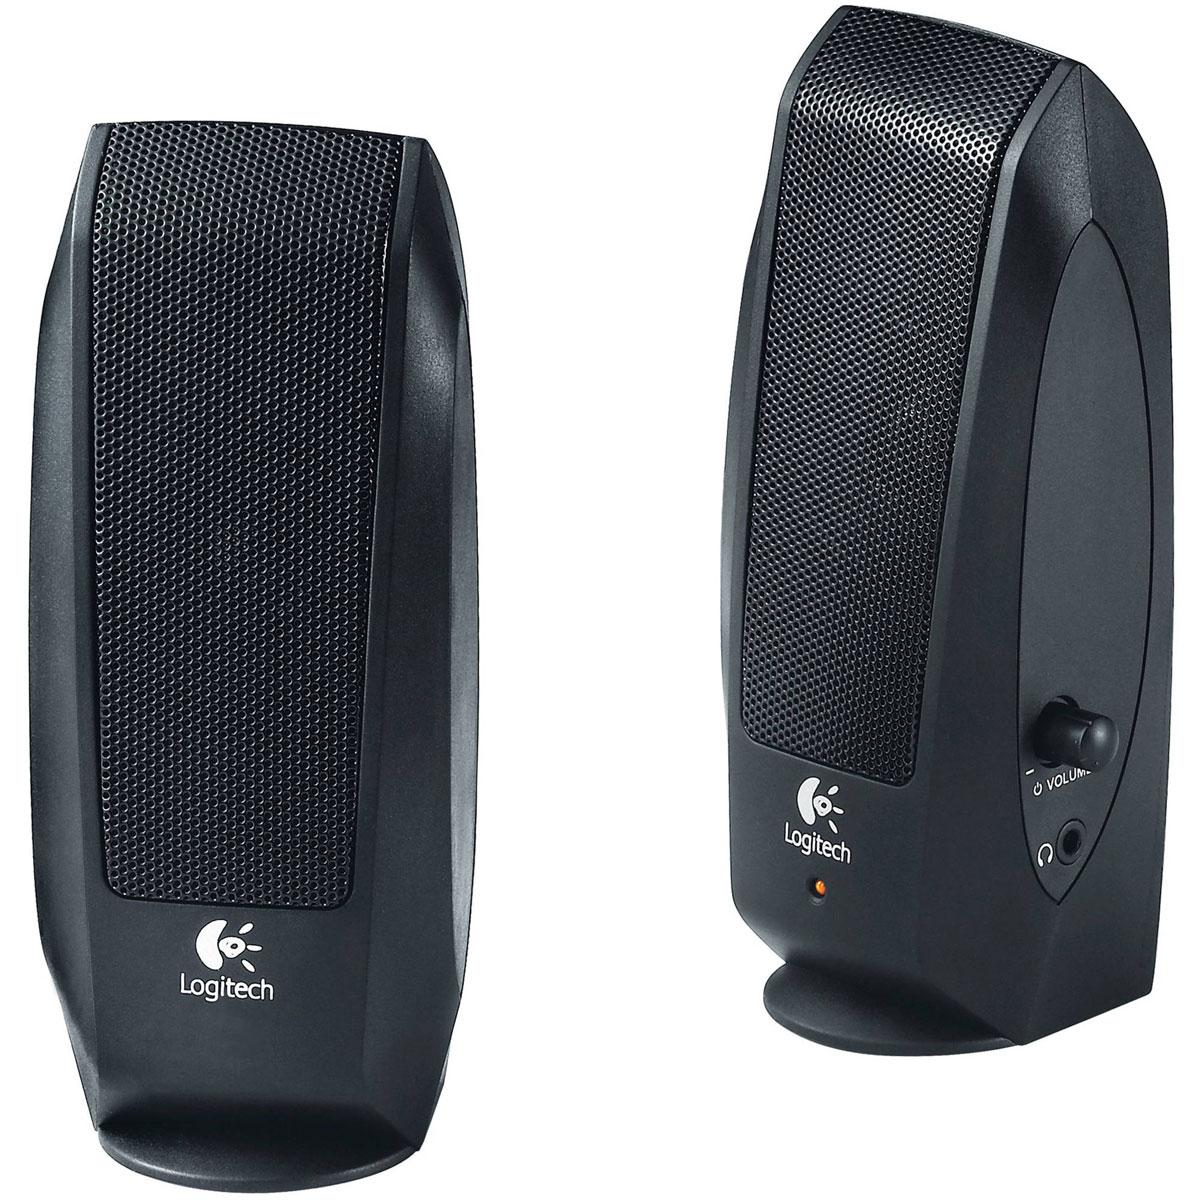 Logitech S120 Speaker System 2.0, Black колонки980-000010Две мультимедийные стереоколонки Logitech S120 дают чистый стереозвук с максимальной мощностью 2,3 Вт. Простое и удобное управление благодаря совмещению регулятора громкости и выключателя питания. Легкодоступный разъем для наушников на колонках S120 позволит вам насладиться музыкой в уединении.Длина шнура питания 1,5 мКабель между колонками: 1,2 м